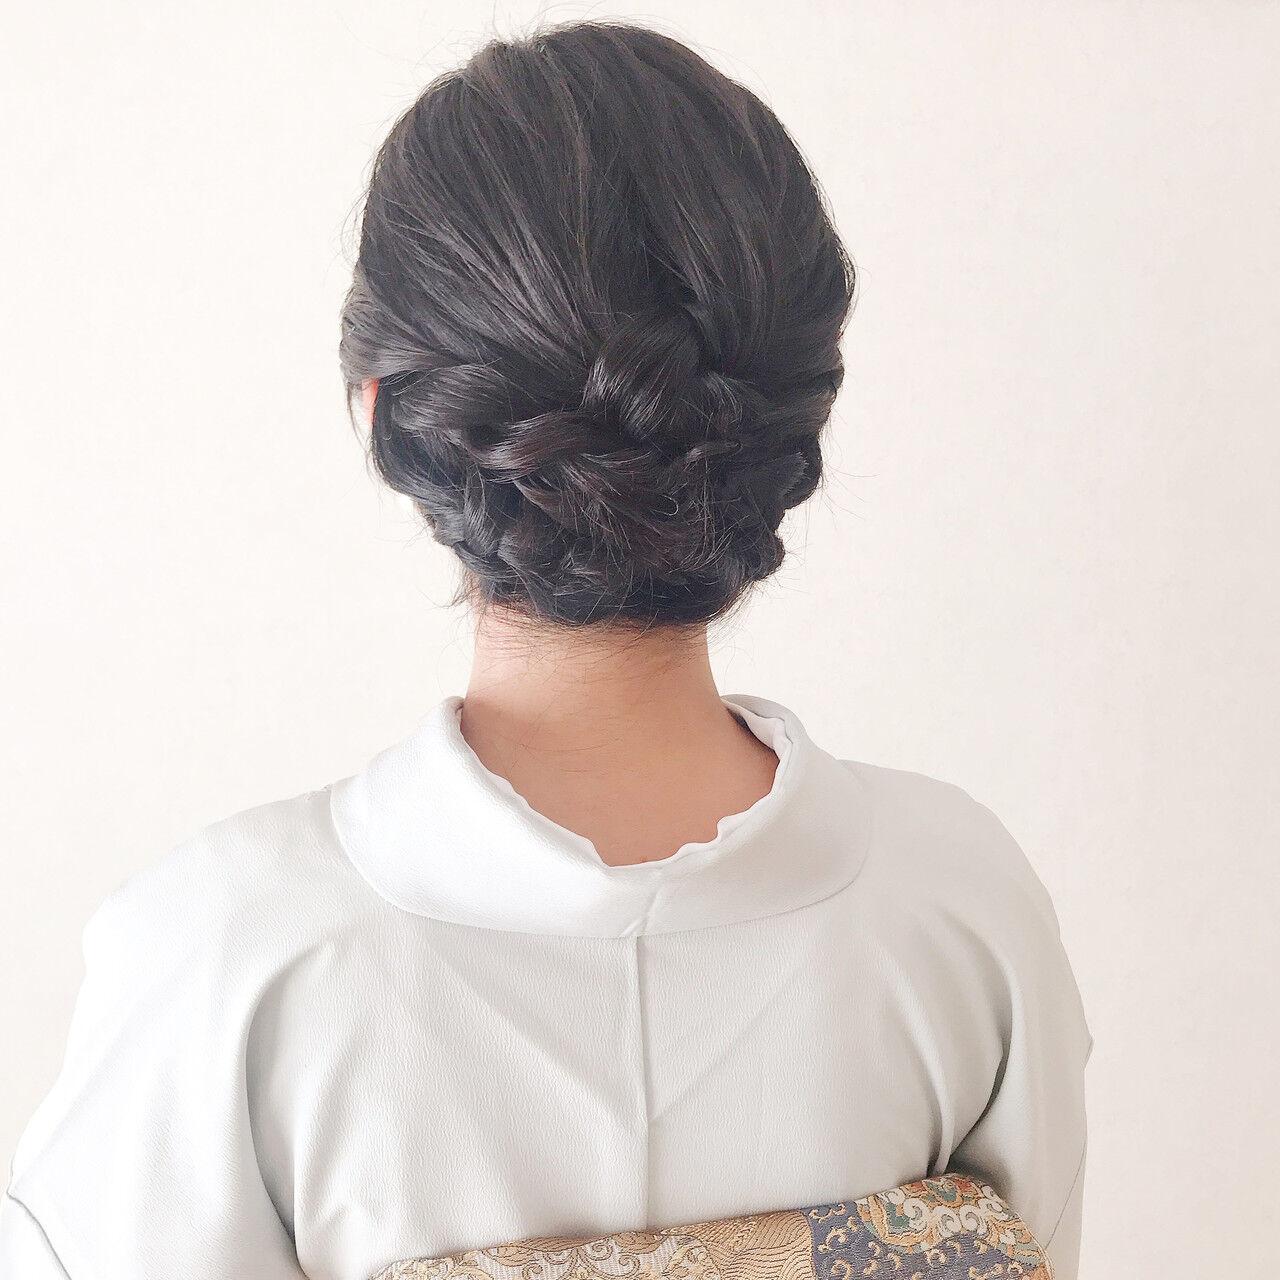 エレガント 結婚式ヘアアレンジ 結婚式 和装ヘアヘアスタイルや髪型の写真・画像